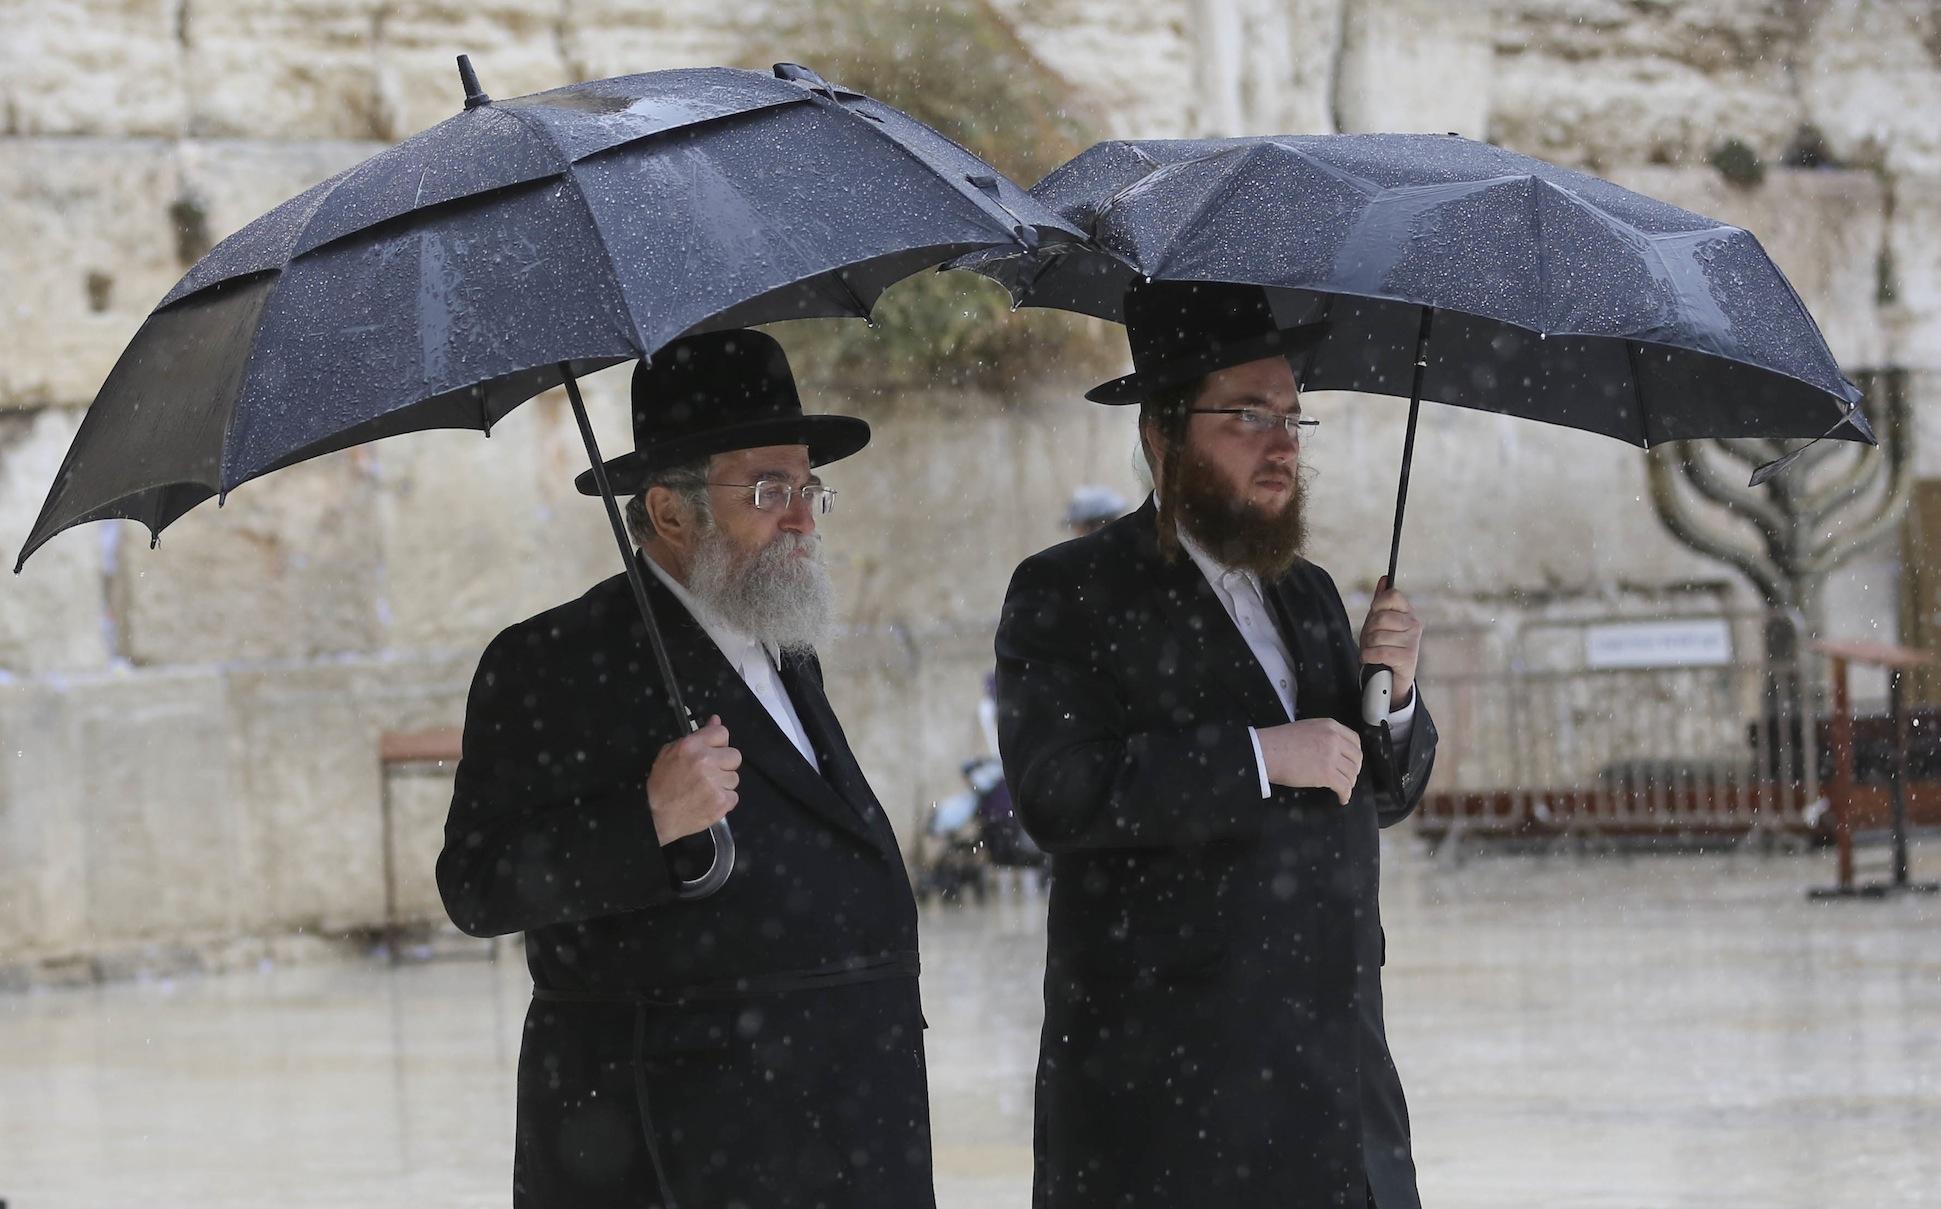 上图:雨中的耶路撒冷西墙。以色列的夏天旱季,冬天是雨季。